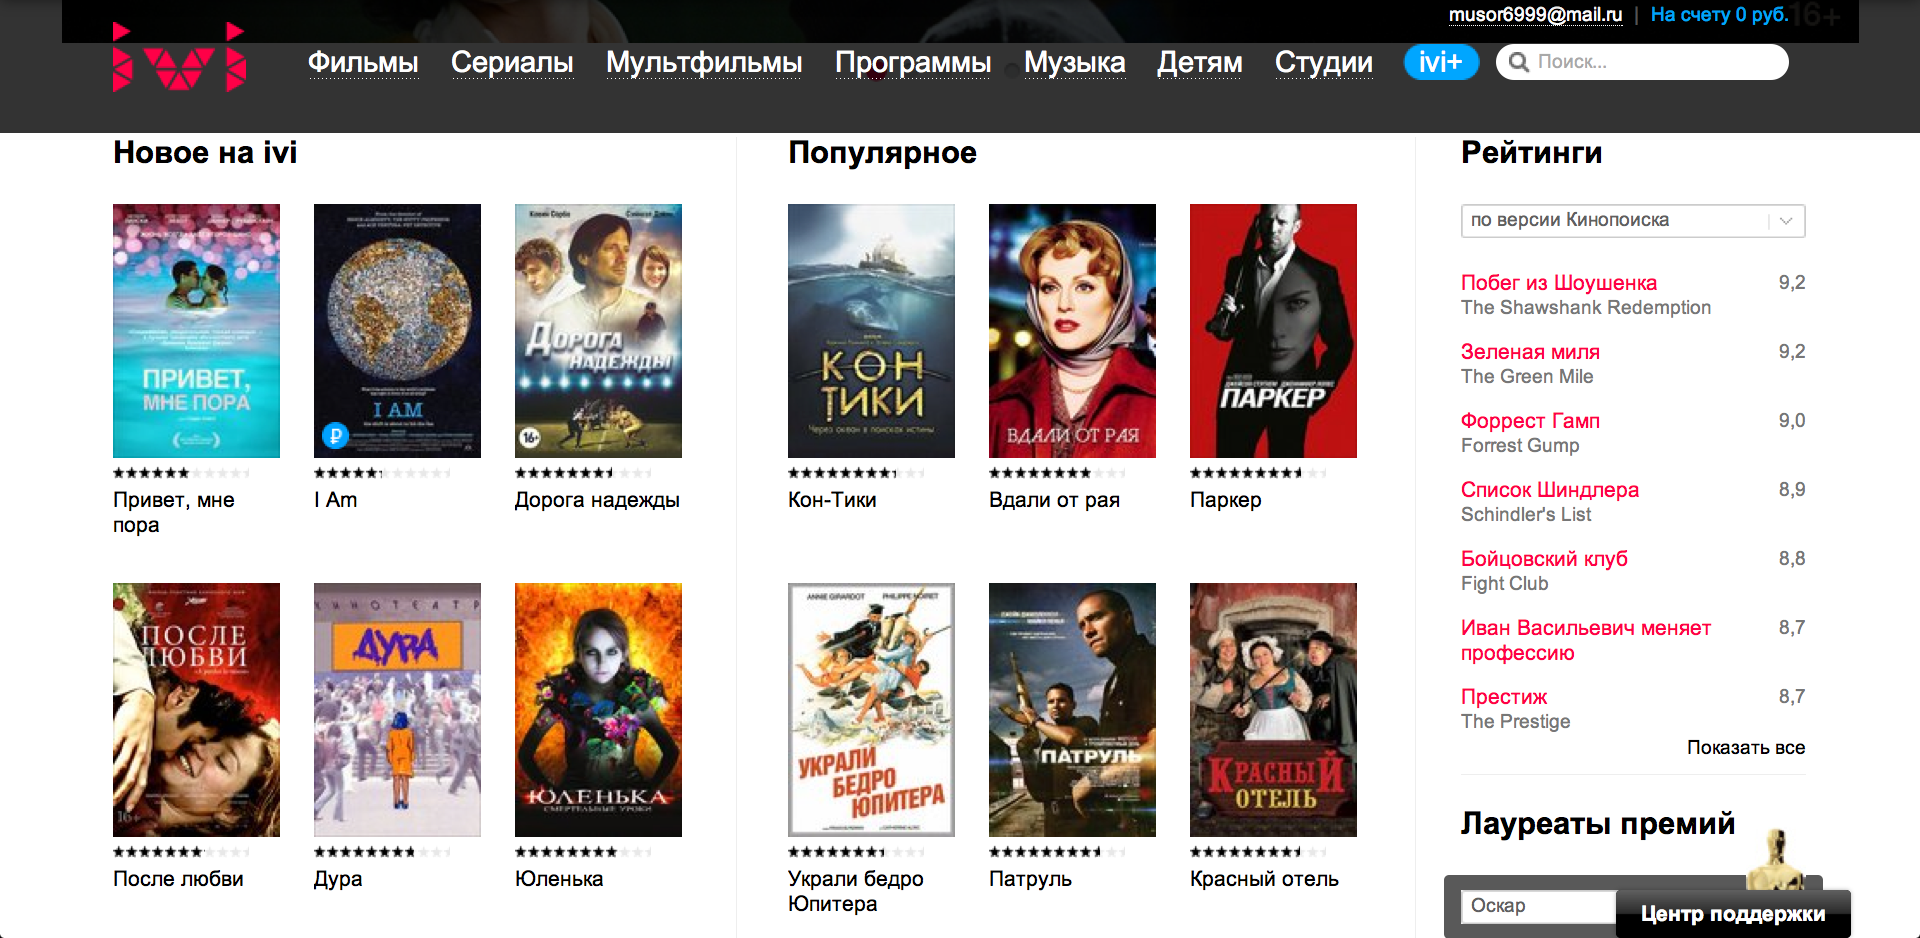 Кино в Сети: как смотреть легально и бесплатно